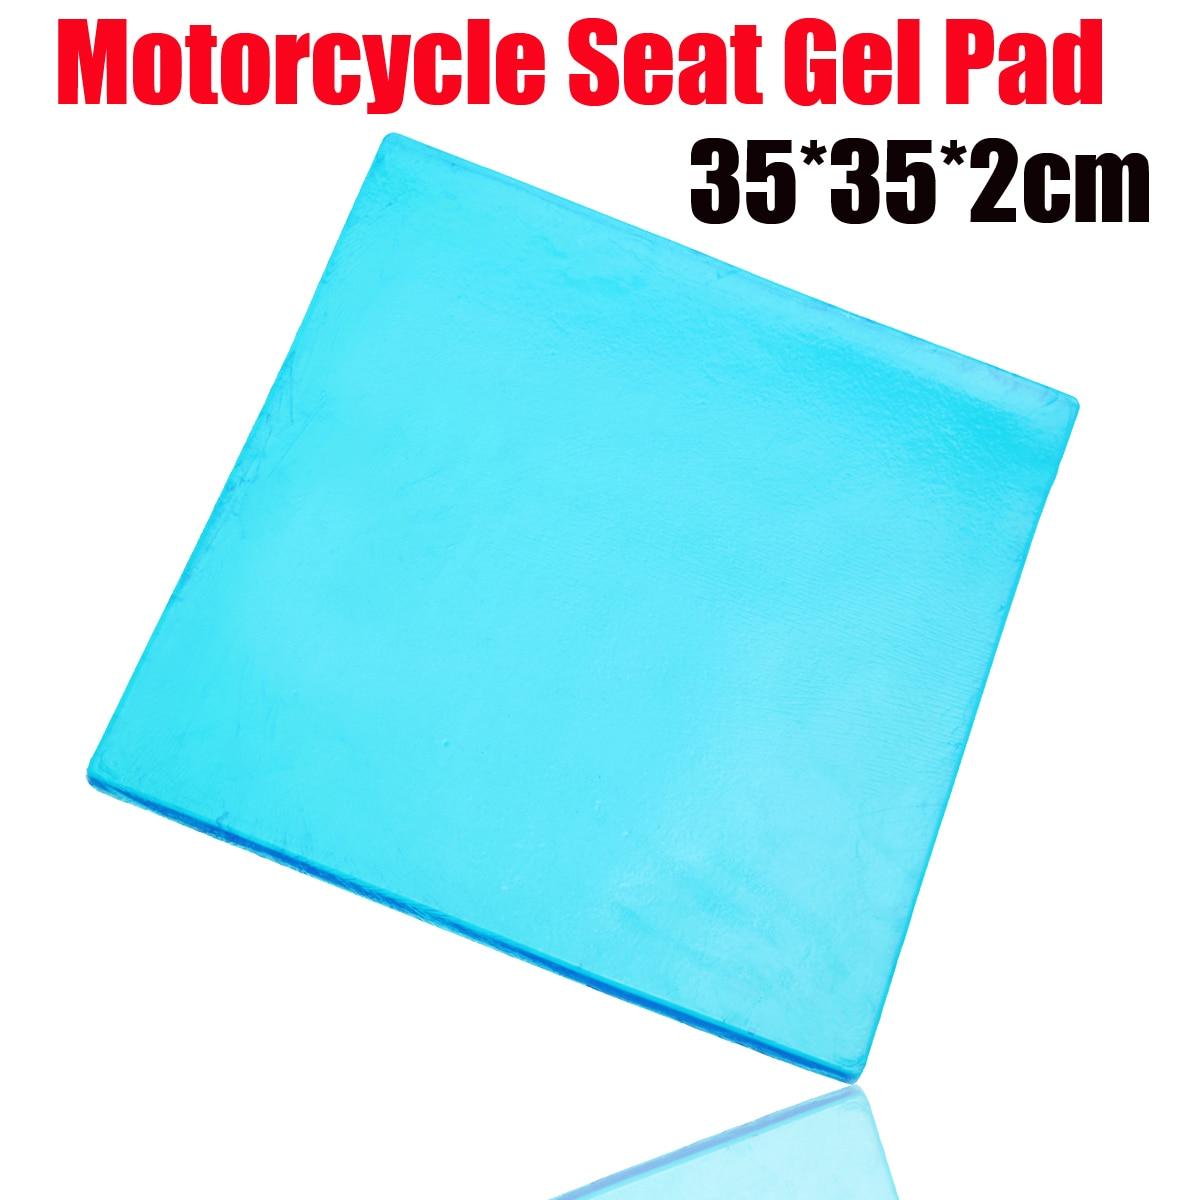 Nouveau bricolage modifié 2 cm épaisseur amortissement Silicone Gel Pad moto siège coussin confortable tapis d'absorption des chocs tapis 35x35 cm